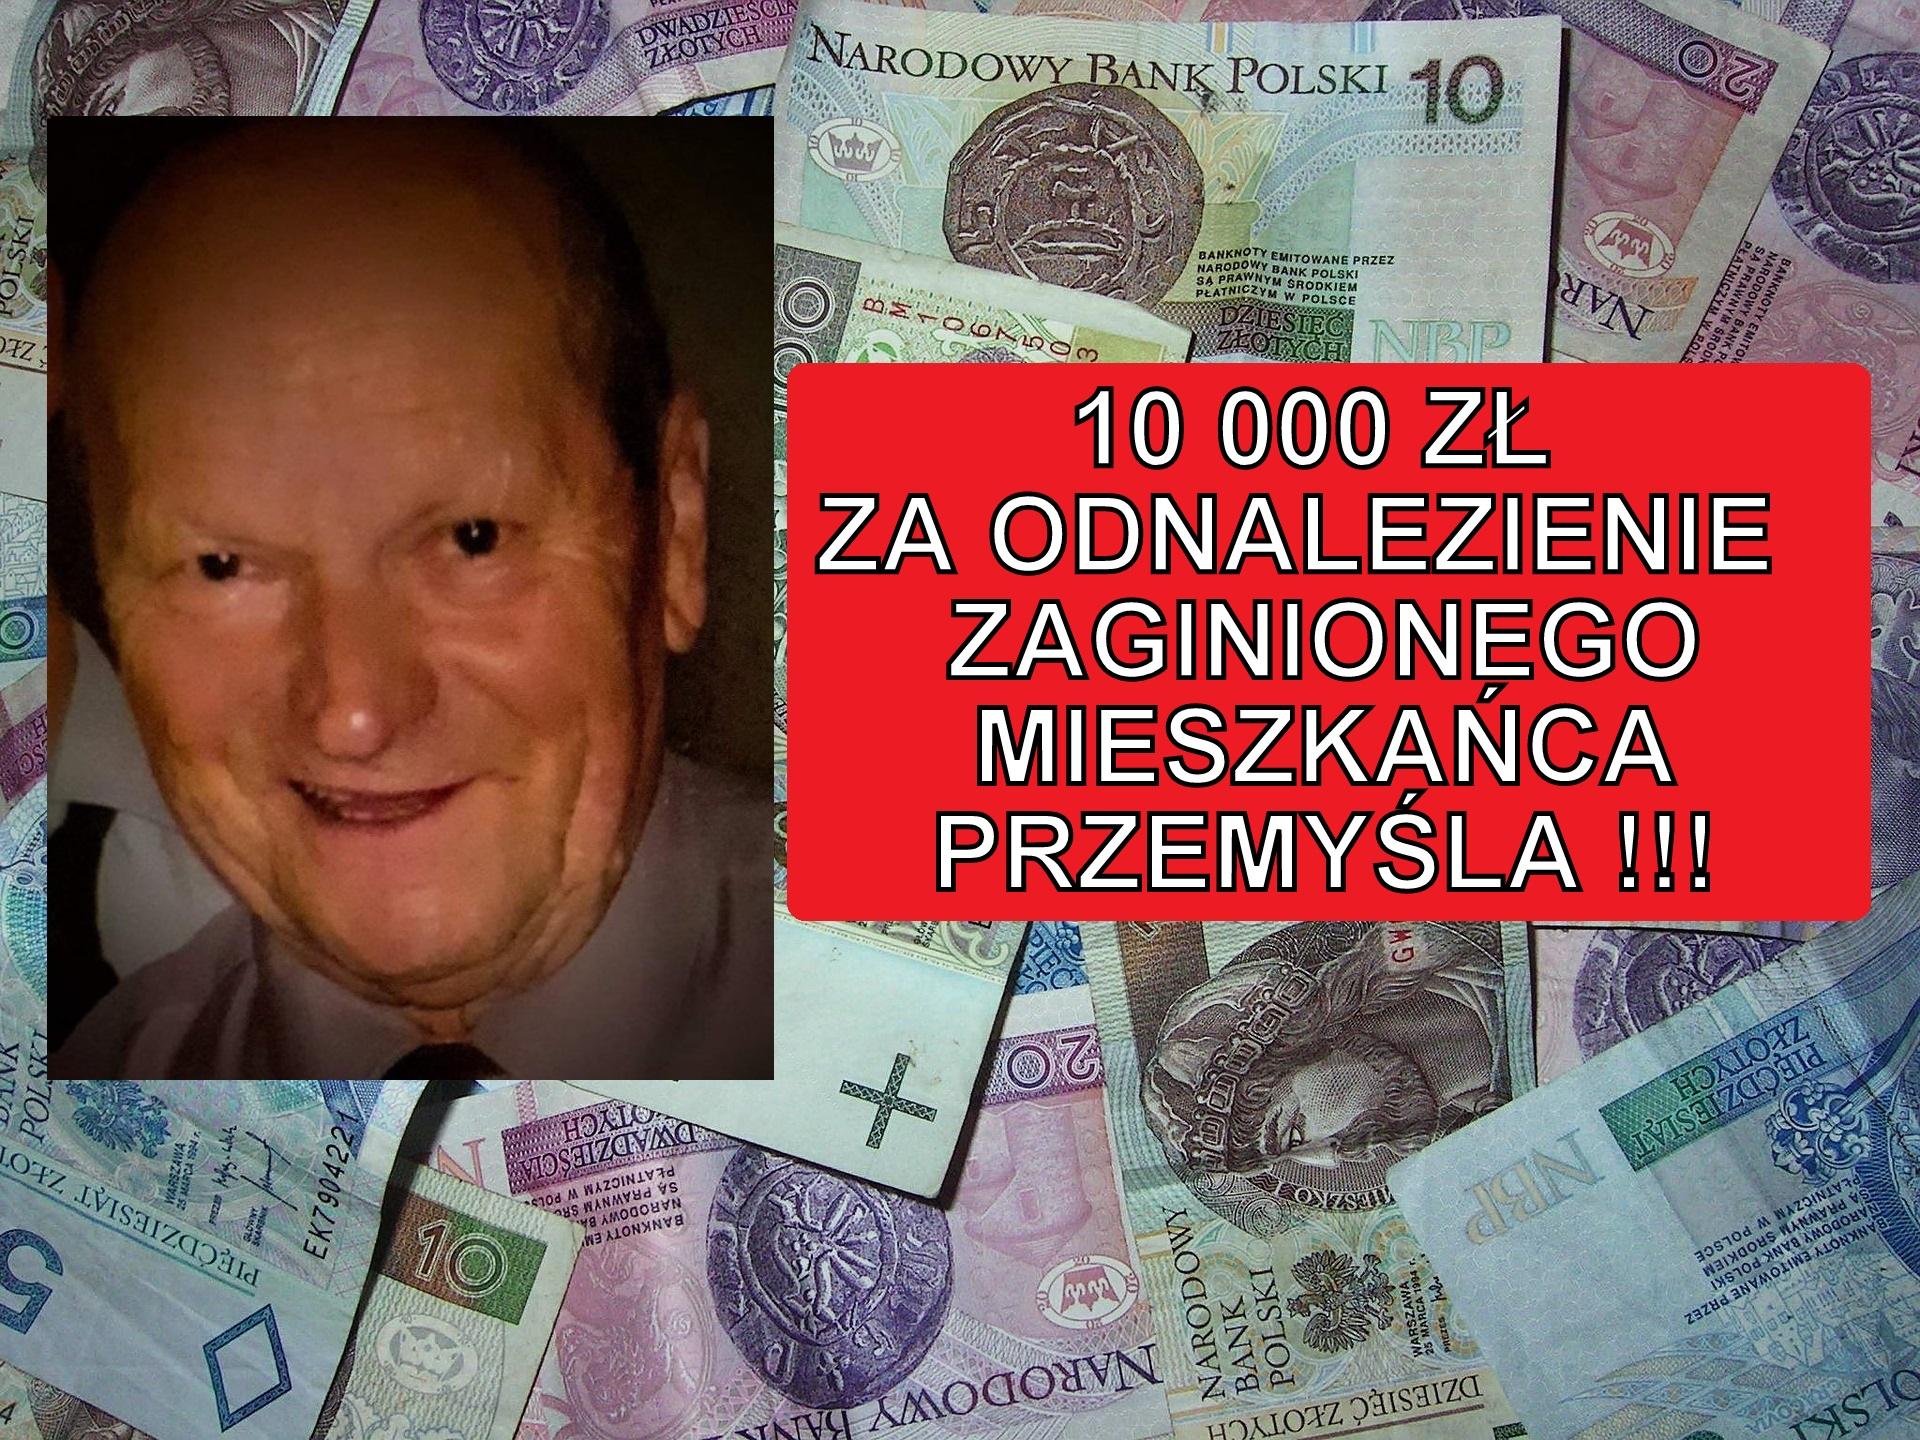 10 tysięcy nagrody za odnalezienie zaginionego mieszkańca Przemyśla! - Zdjęcie główne